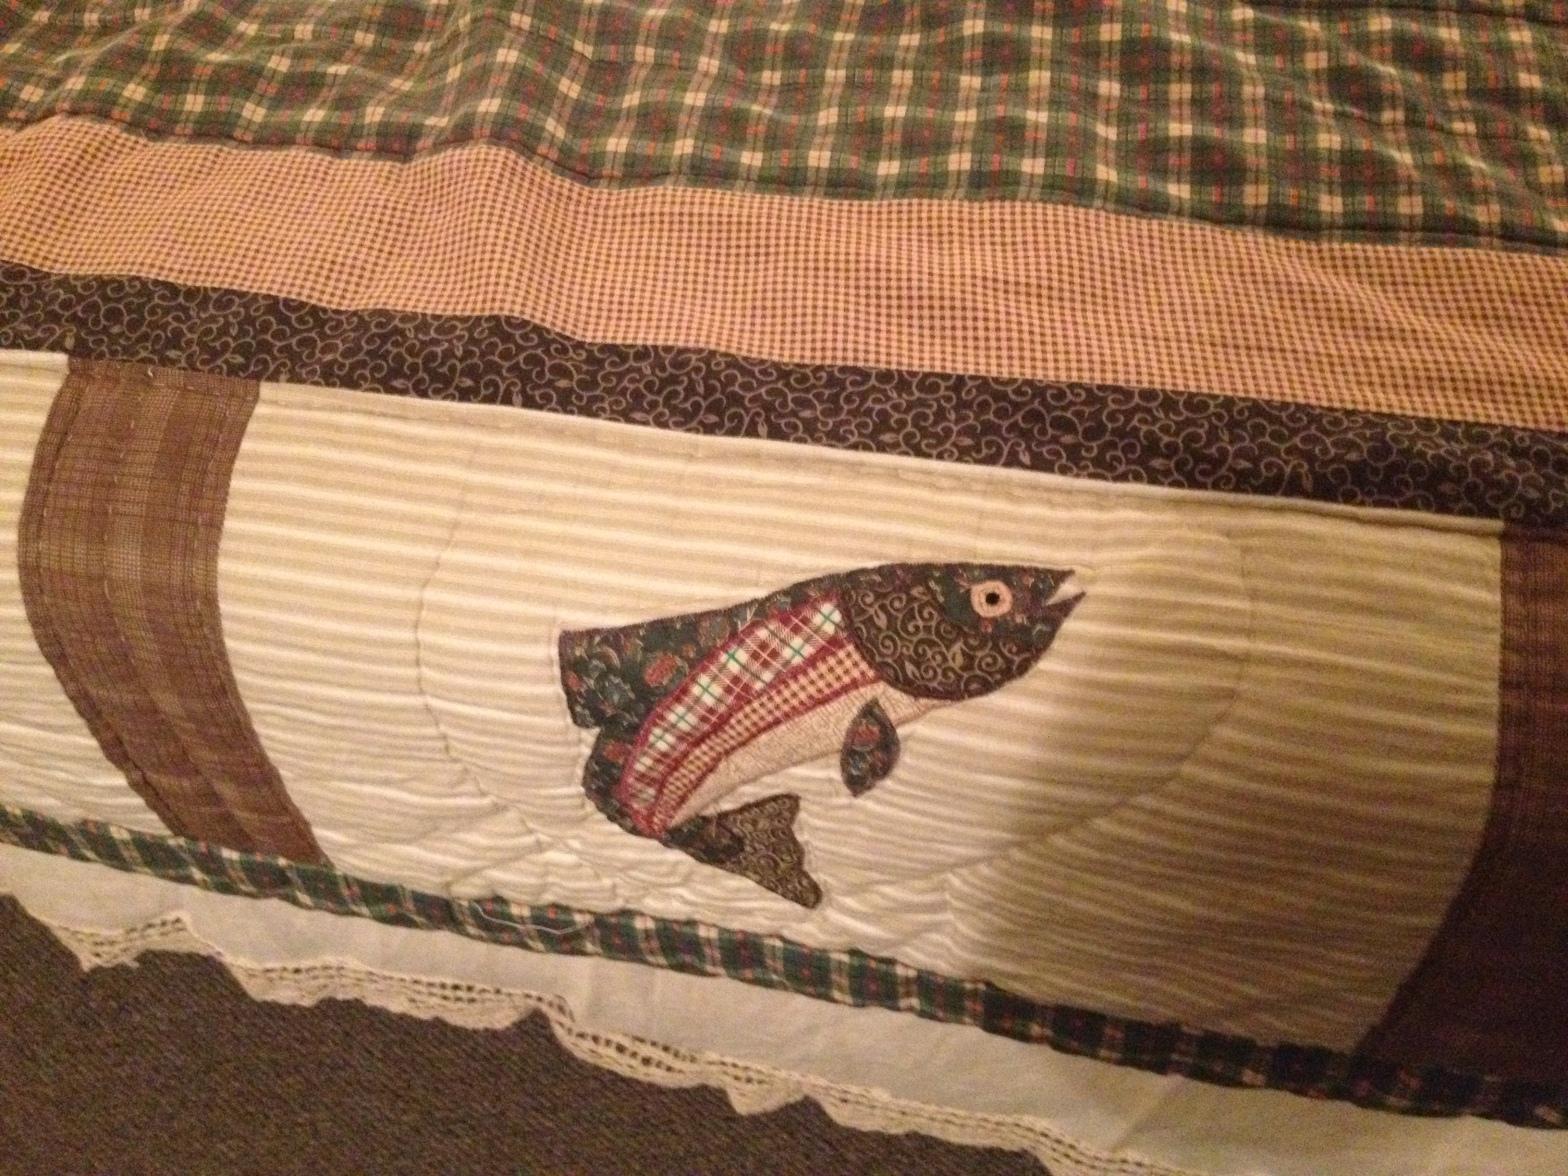 fish bedspread